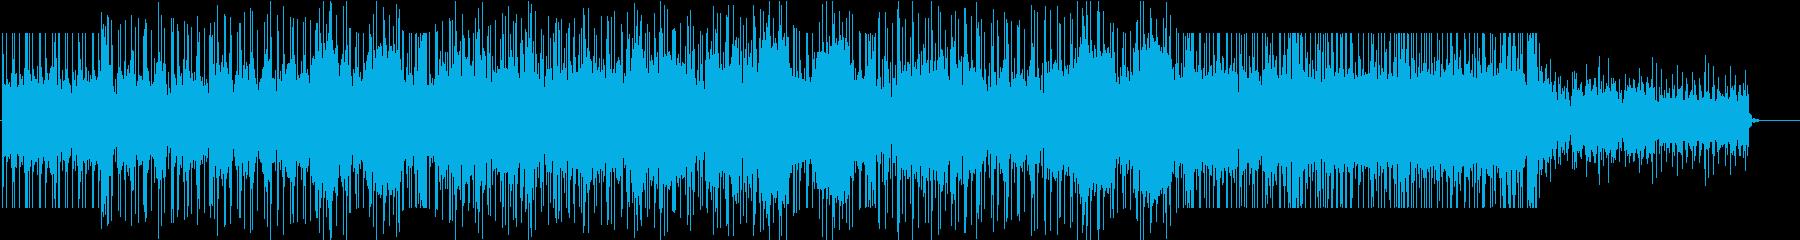 流れるような軽いライフスタイルタイ...の再生済みの波形